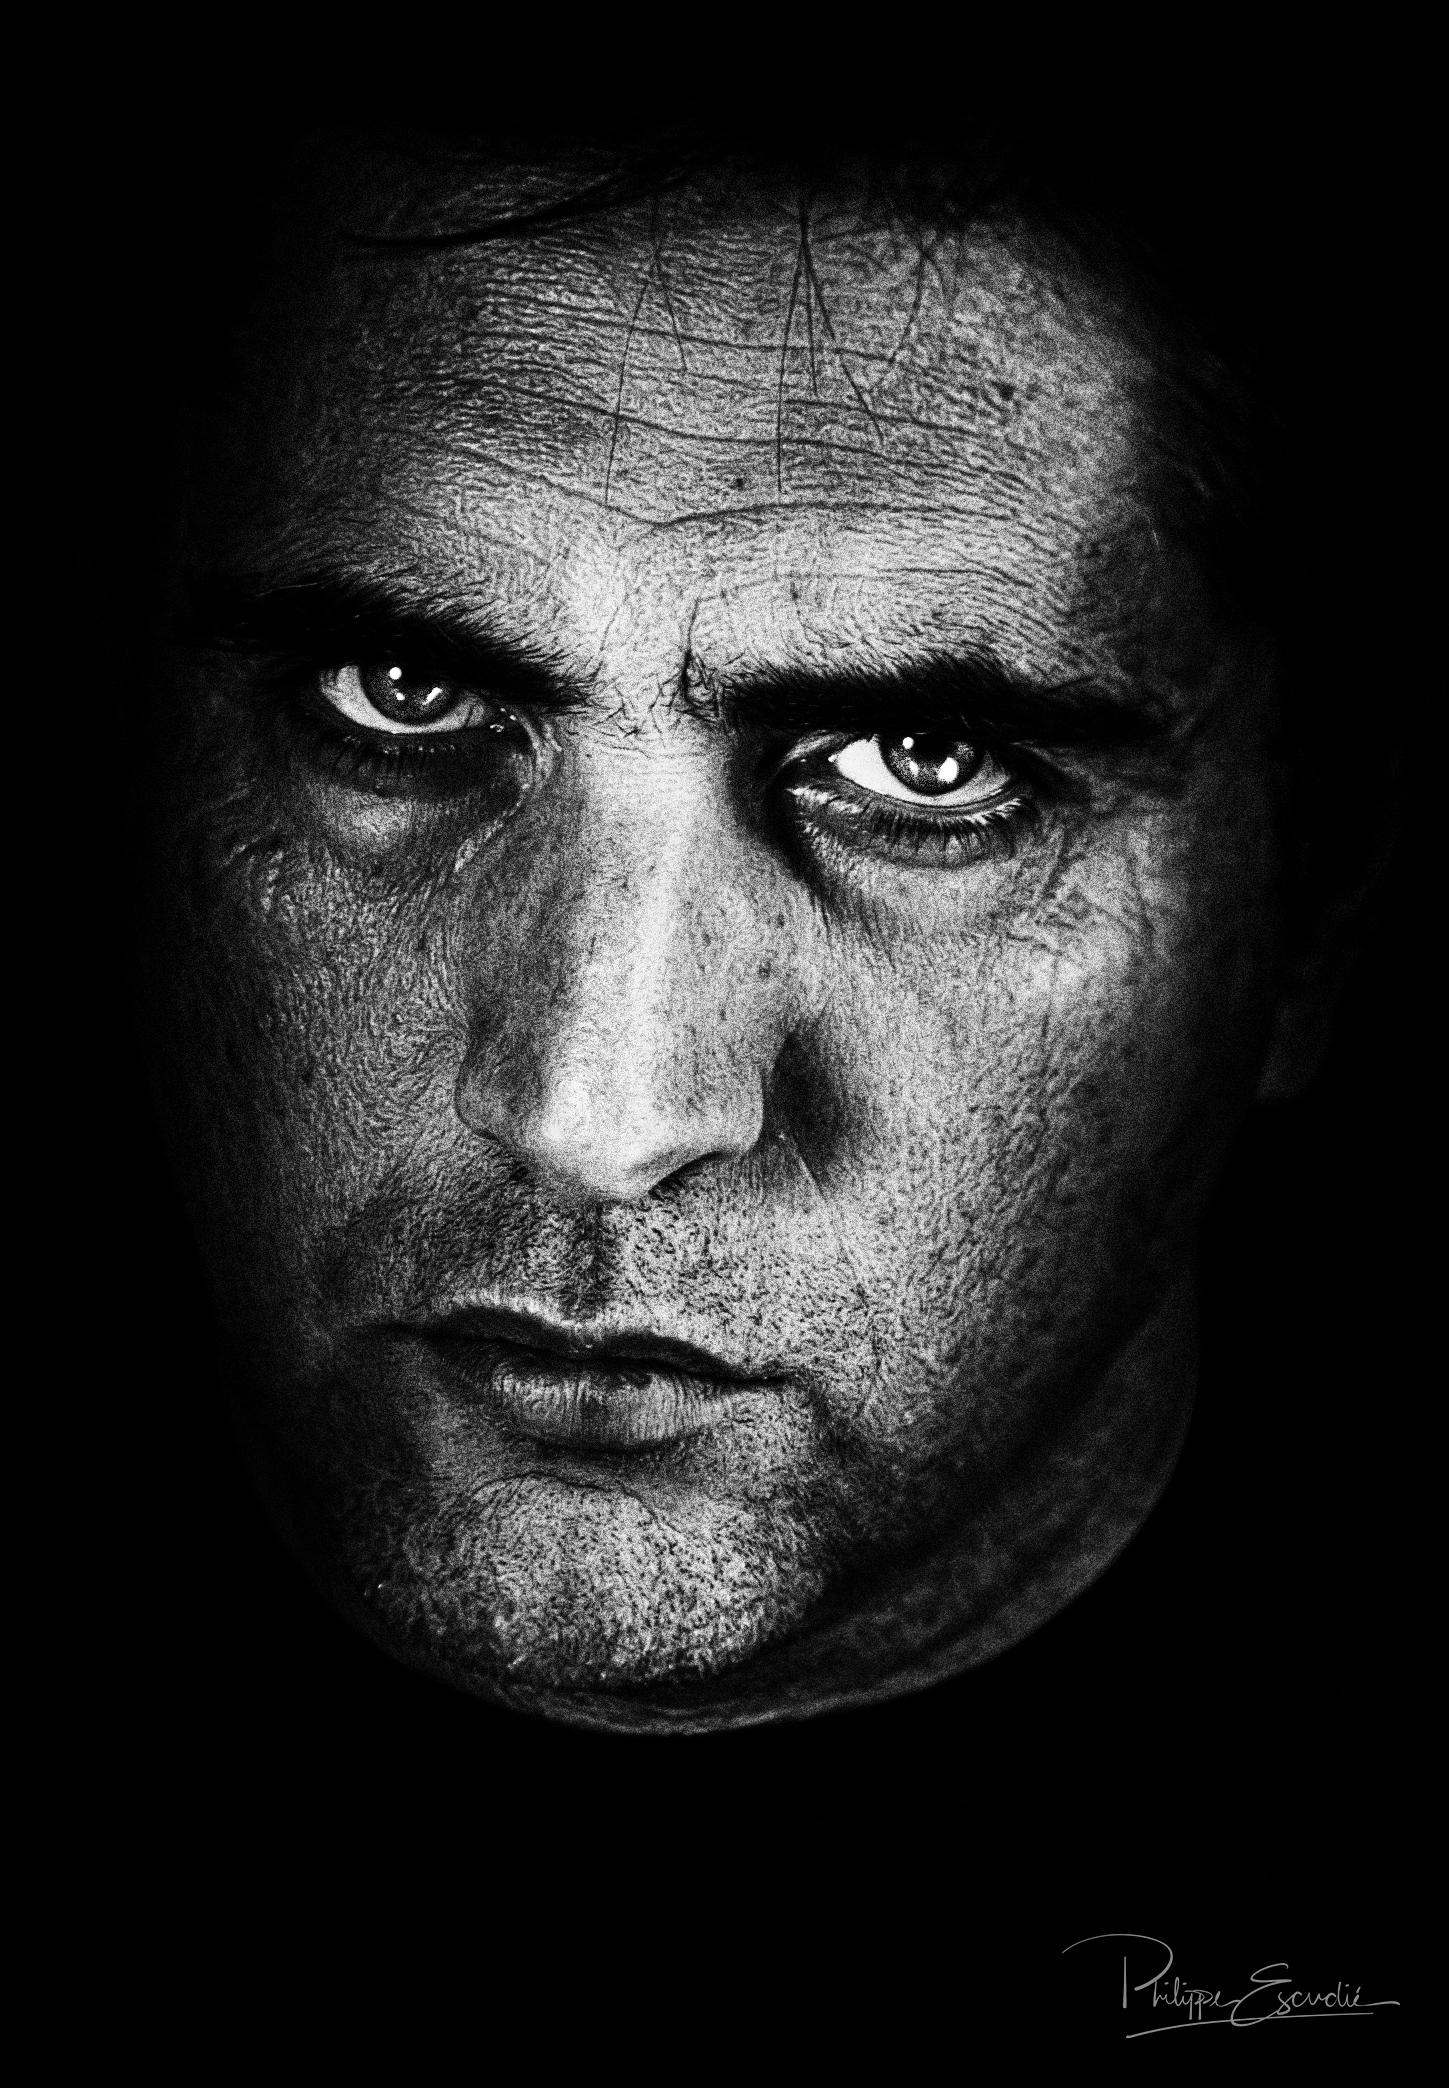 Visage de Philippe après compositing sur photoshop, rendu noir et blanc esprit lee jeffries.